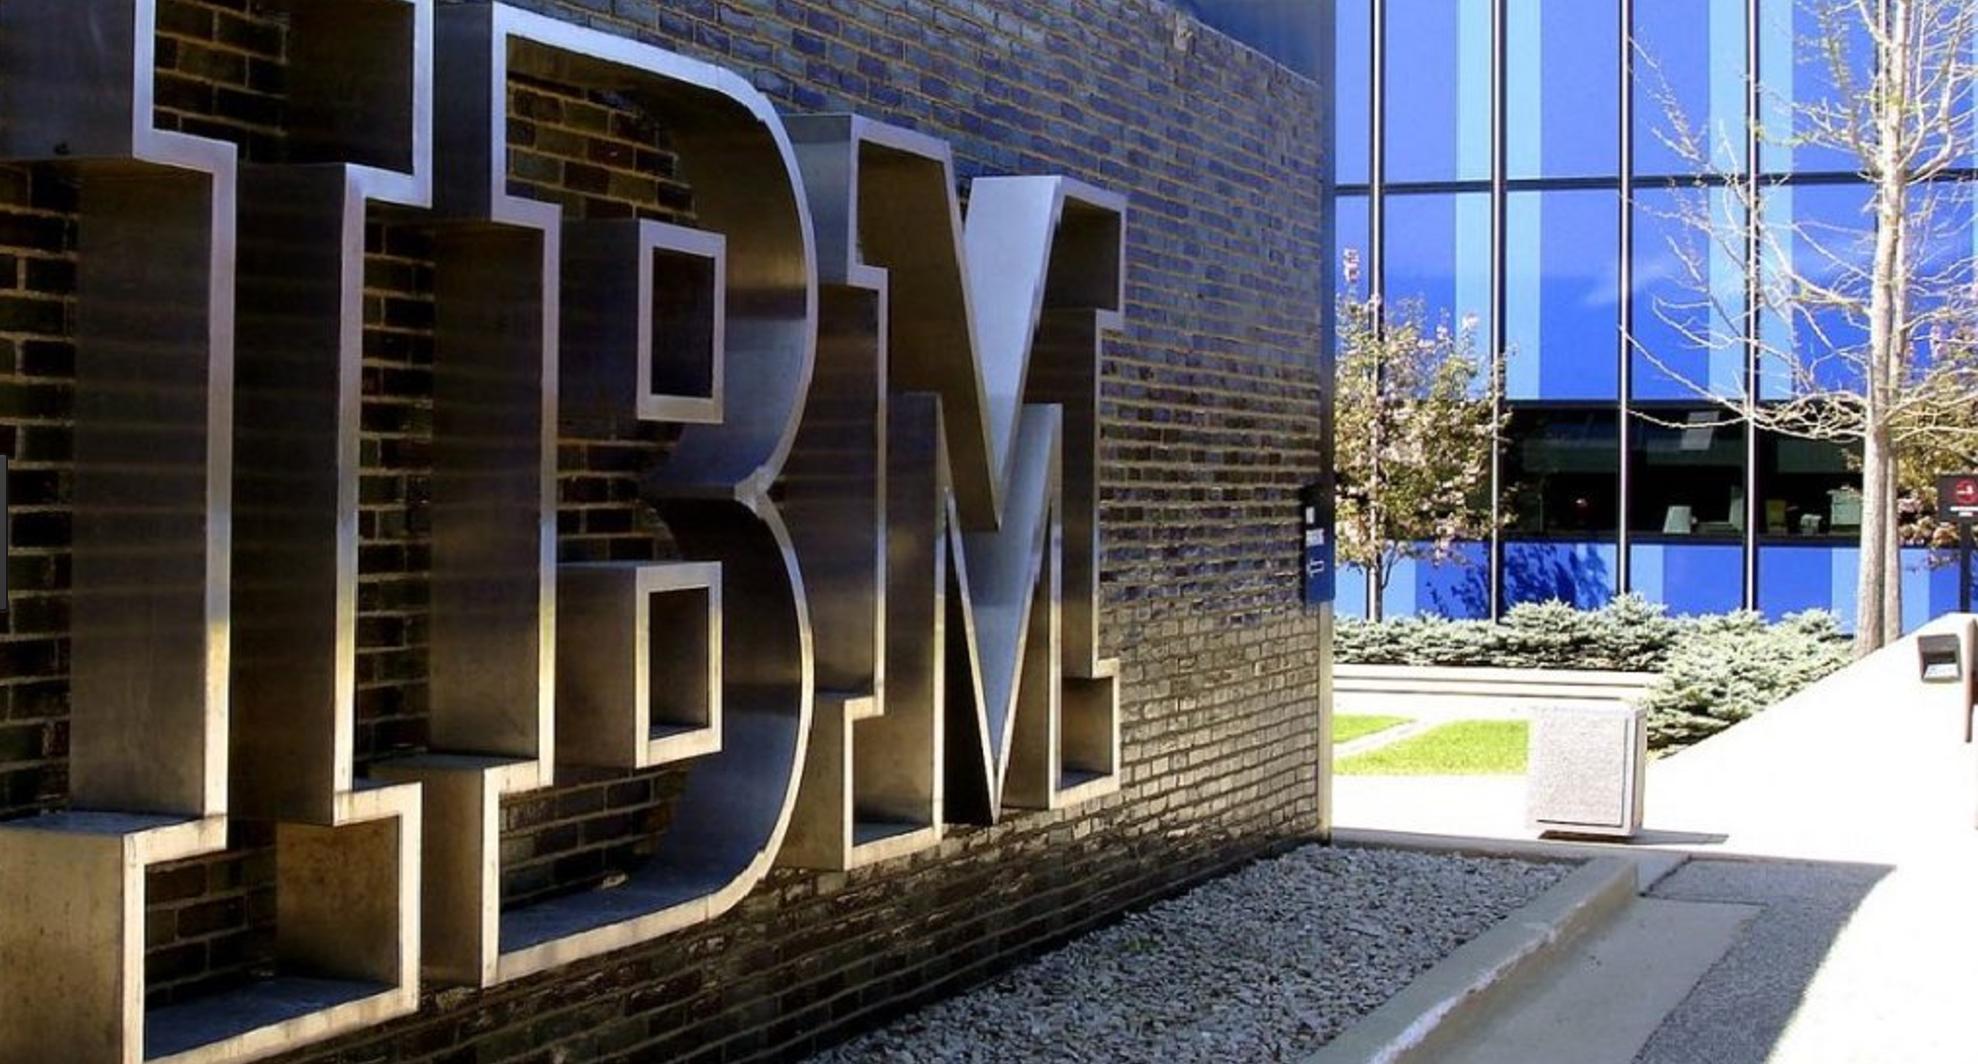 Metigy admitted to the IBM Global Entrepreneurship Program